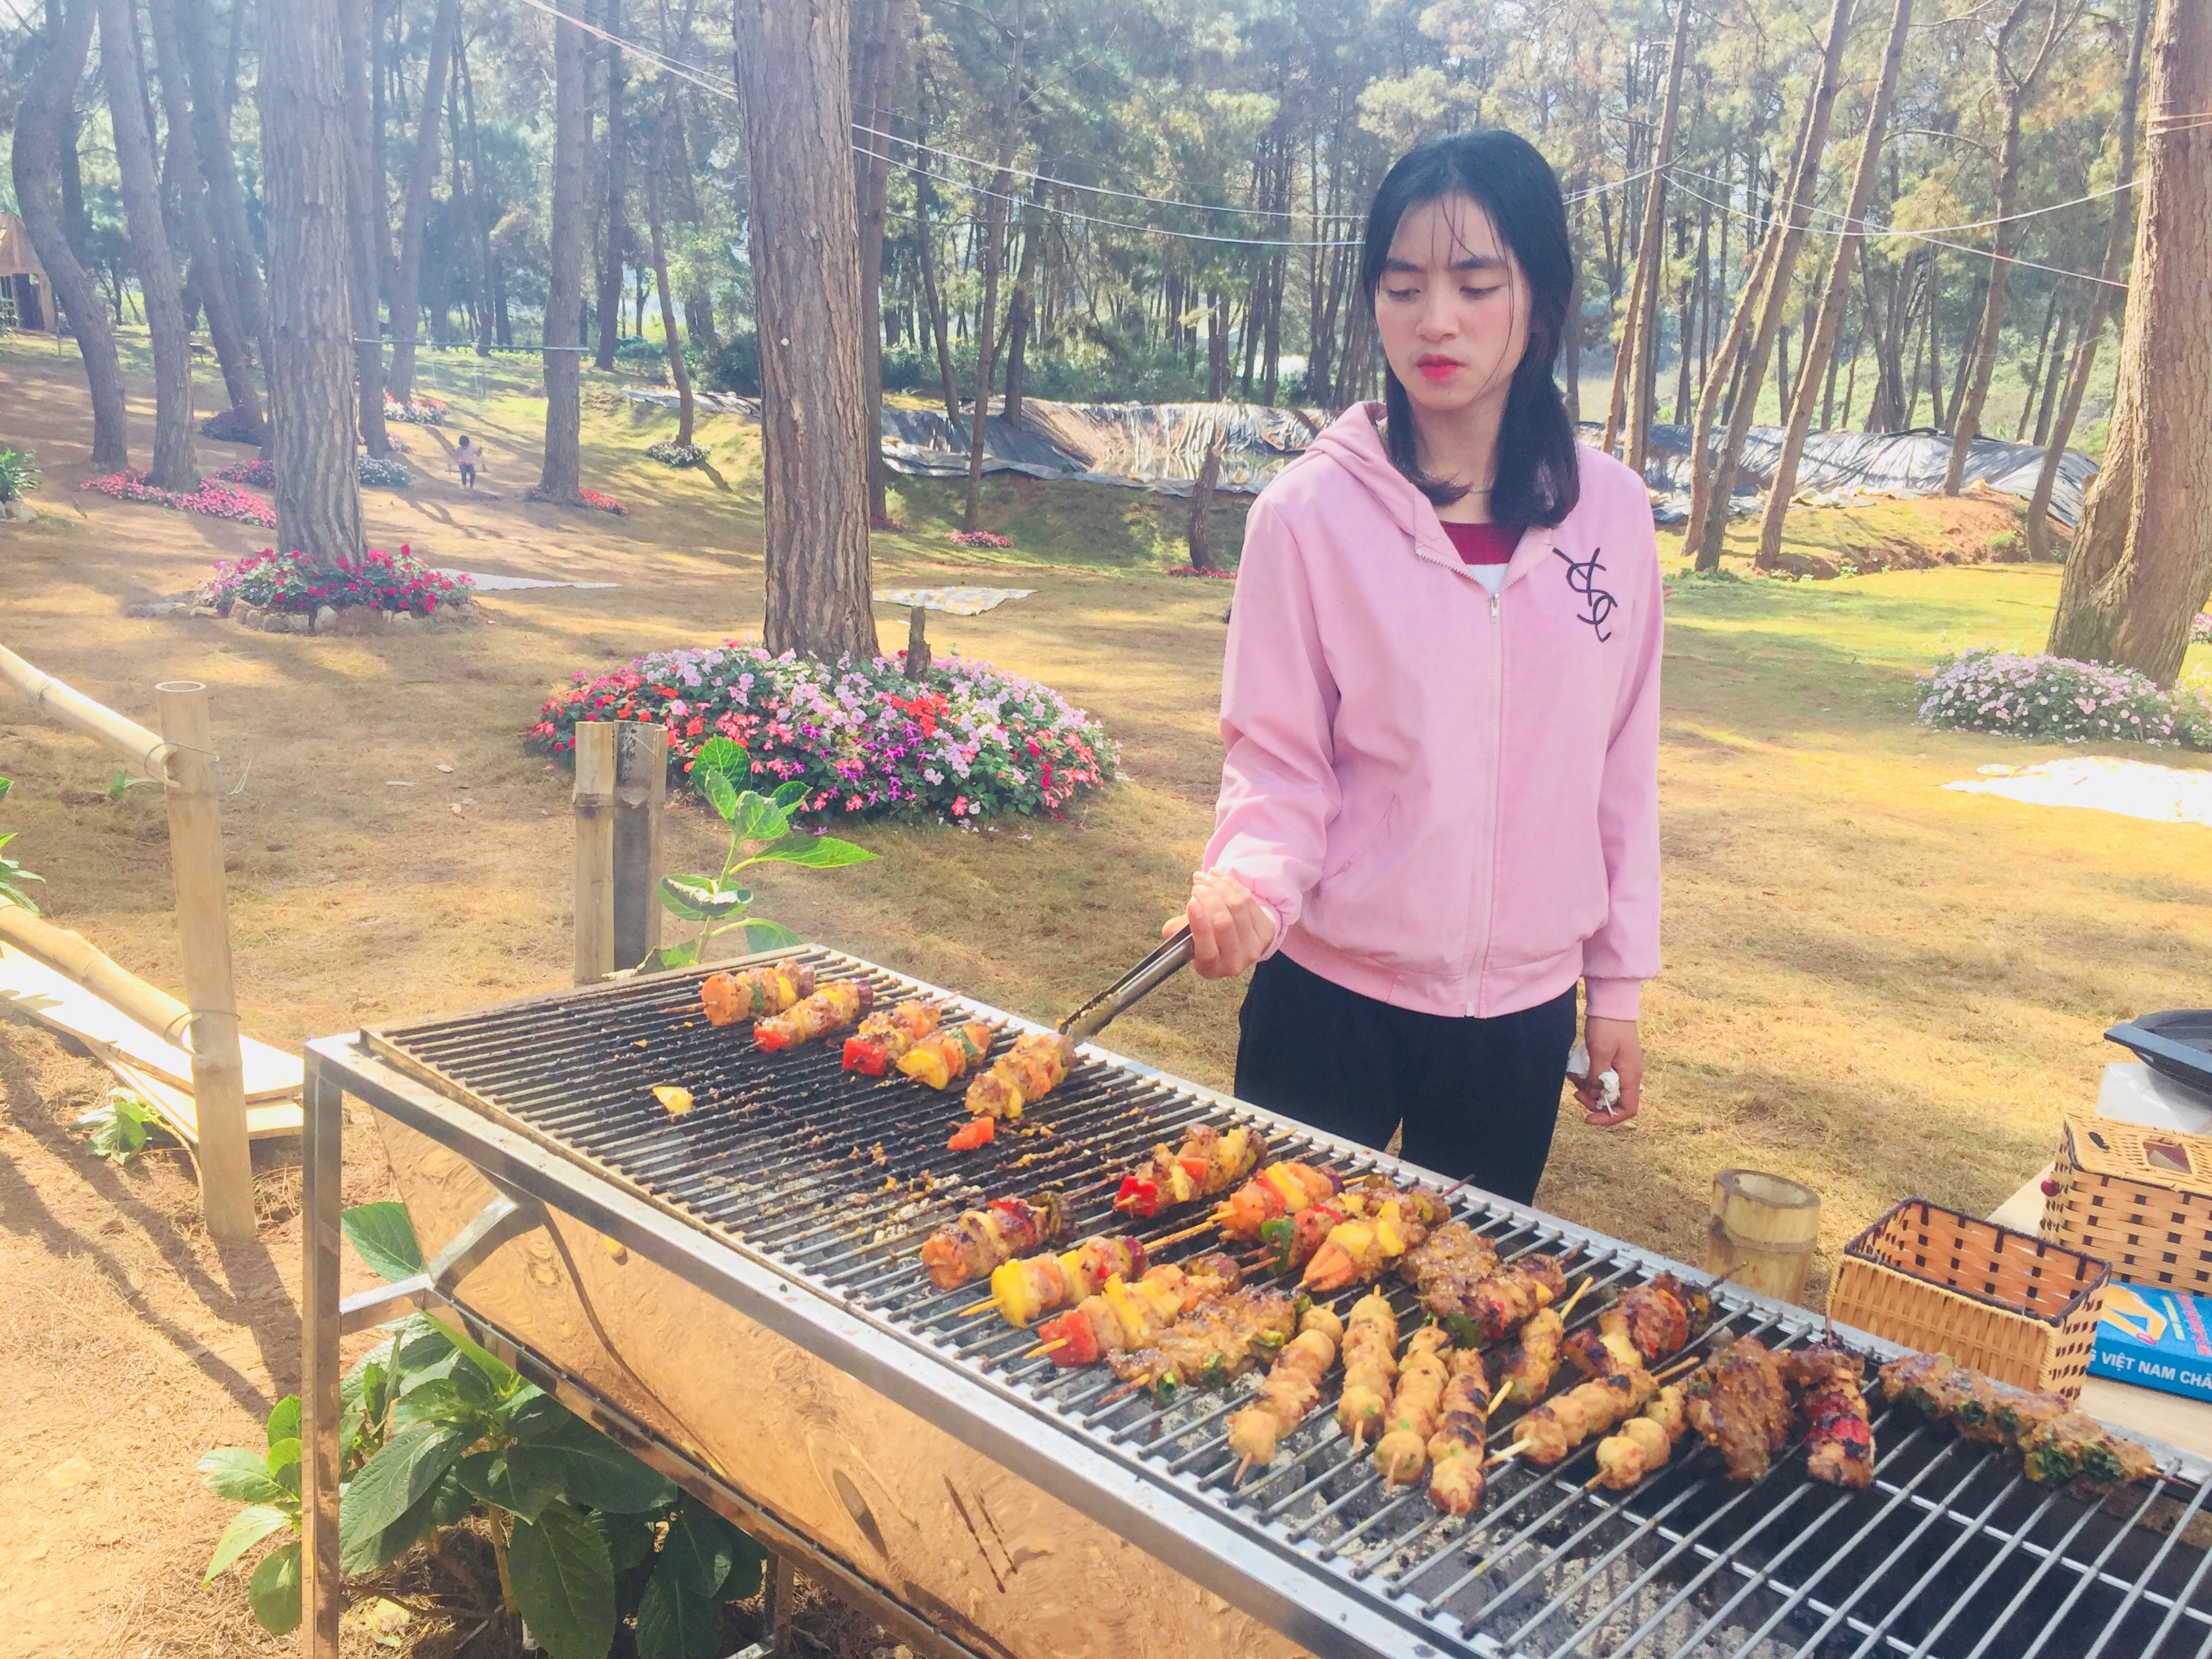 Nhân viên của nhà hàng Chimi đang nướng thịt ngoài trời